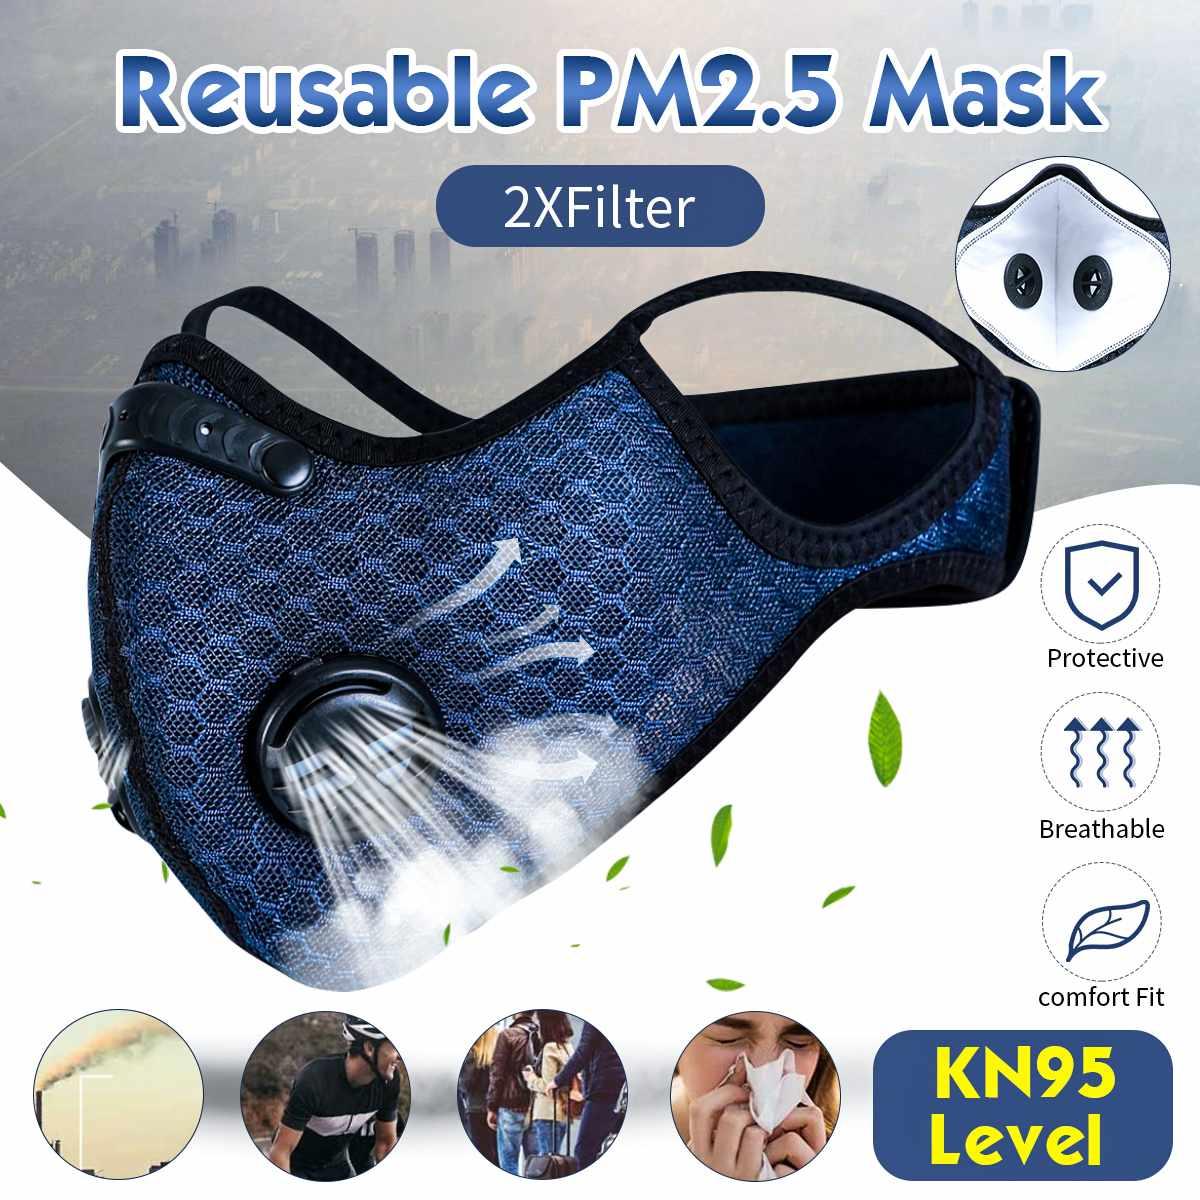 Высококлассная маска для рта, маска для дыхания от пыли PM2.5, анти-туман и туман, маска для дыхания, модная женская и мужская маска для рта с флитером